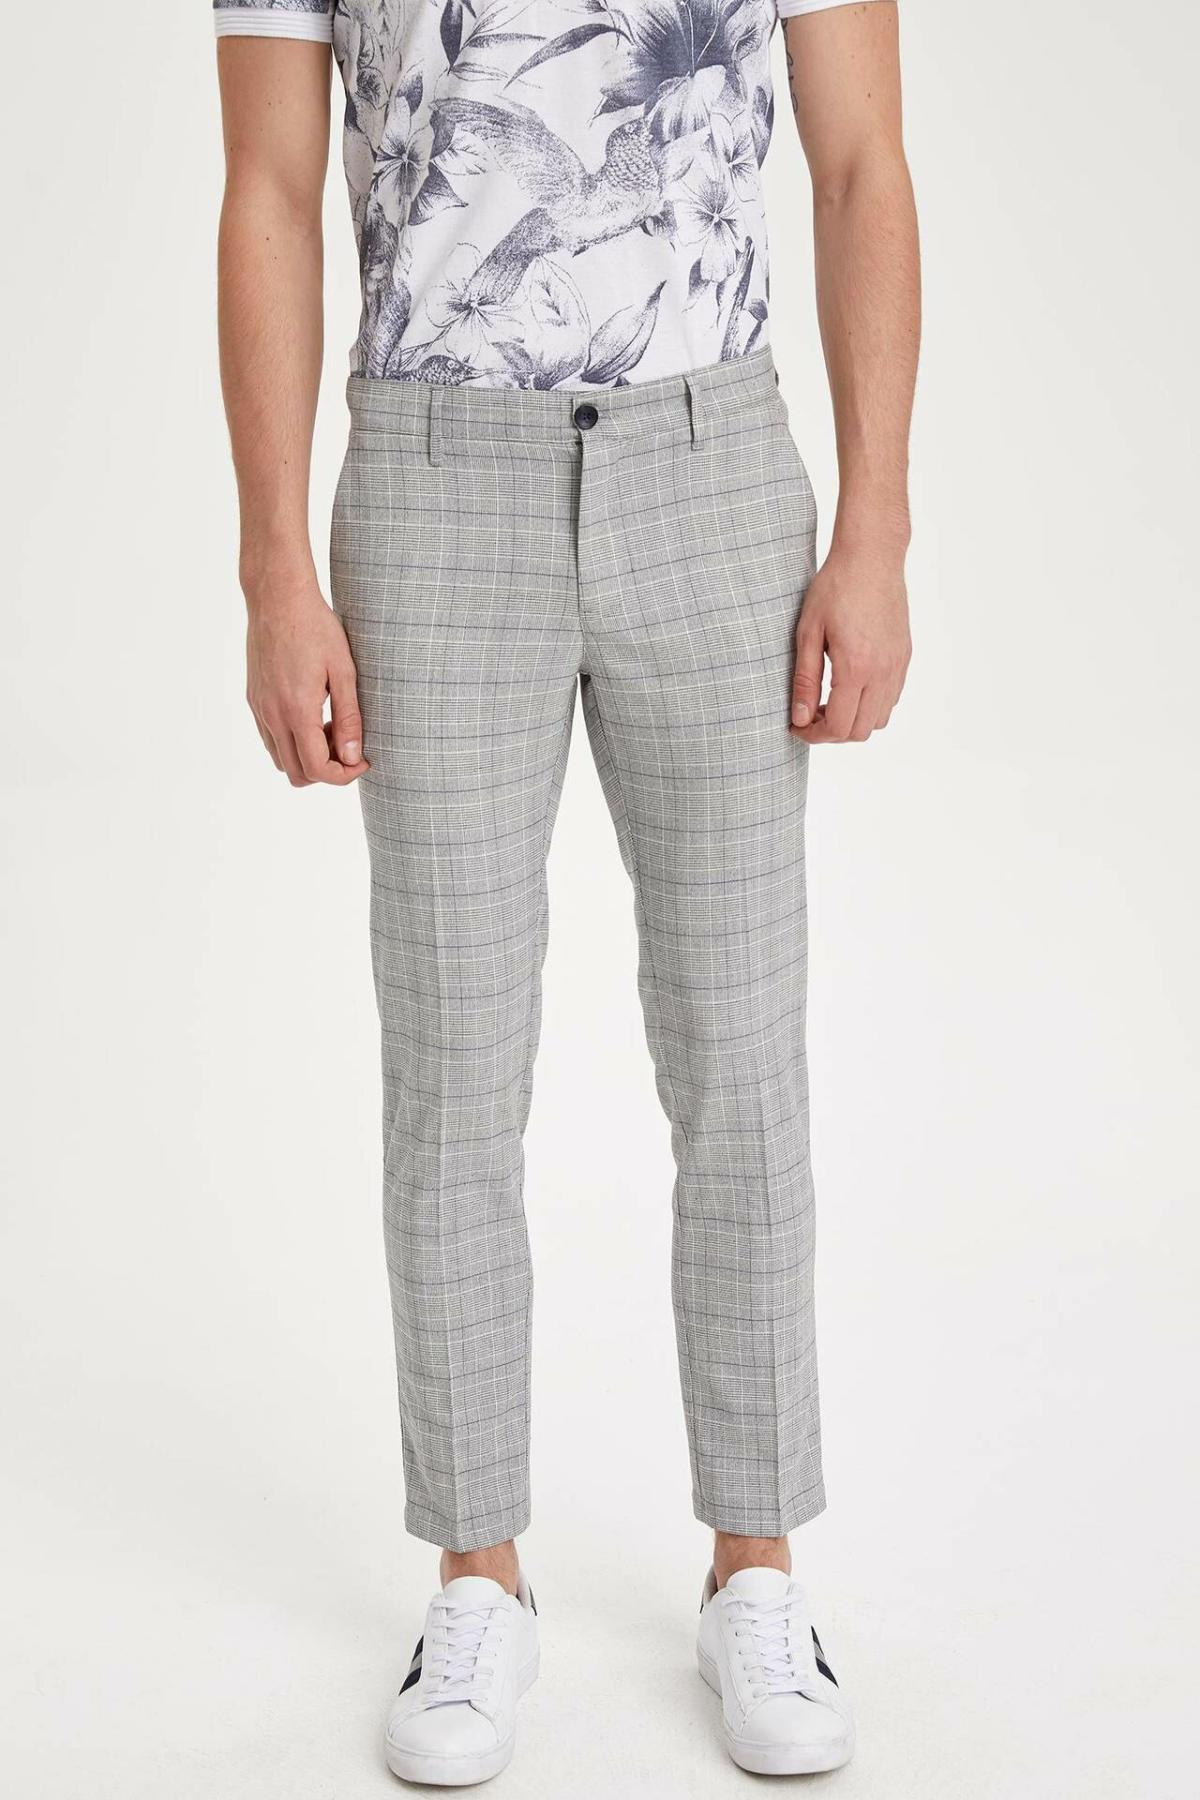 DeFacto Man Trousers-K2710AZ19SM